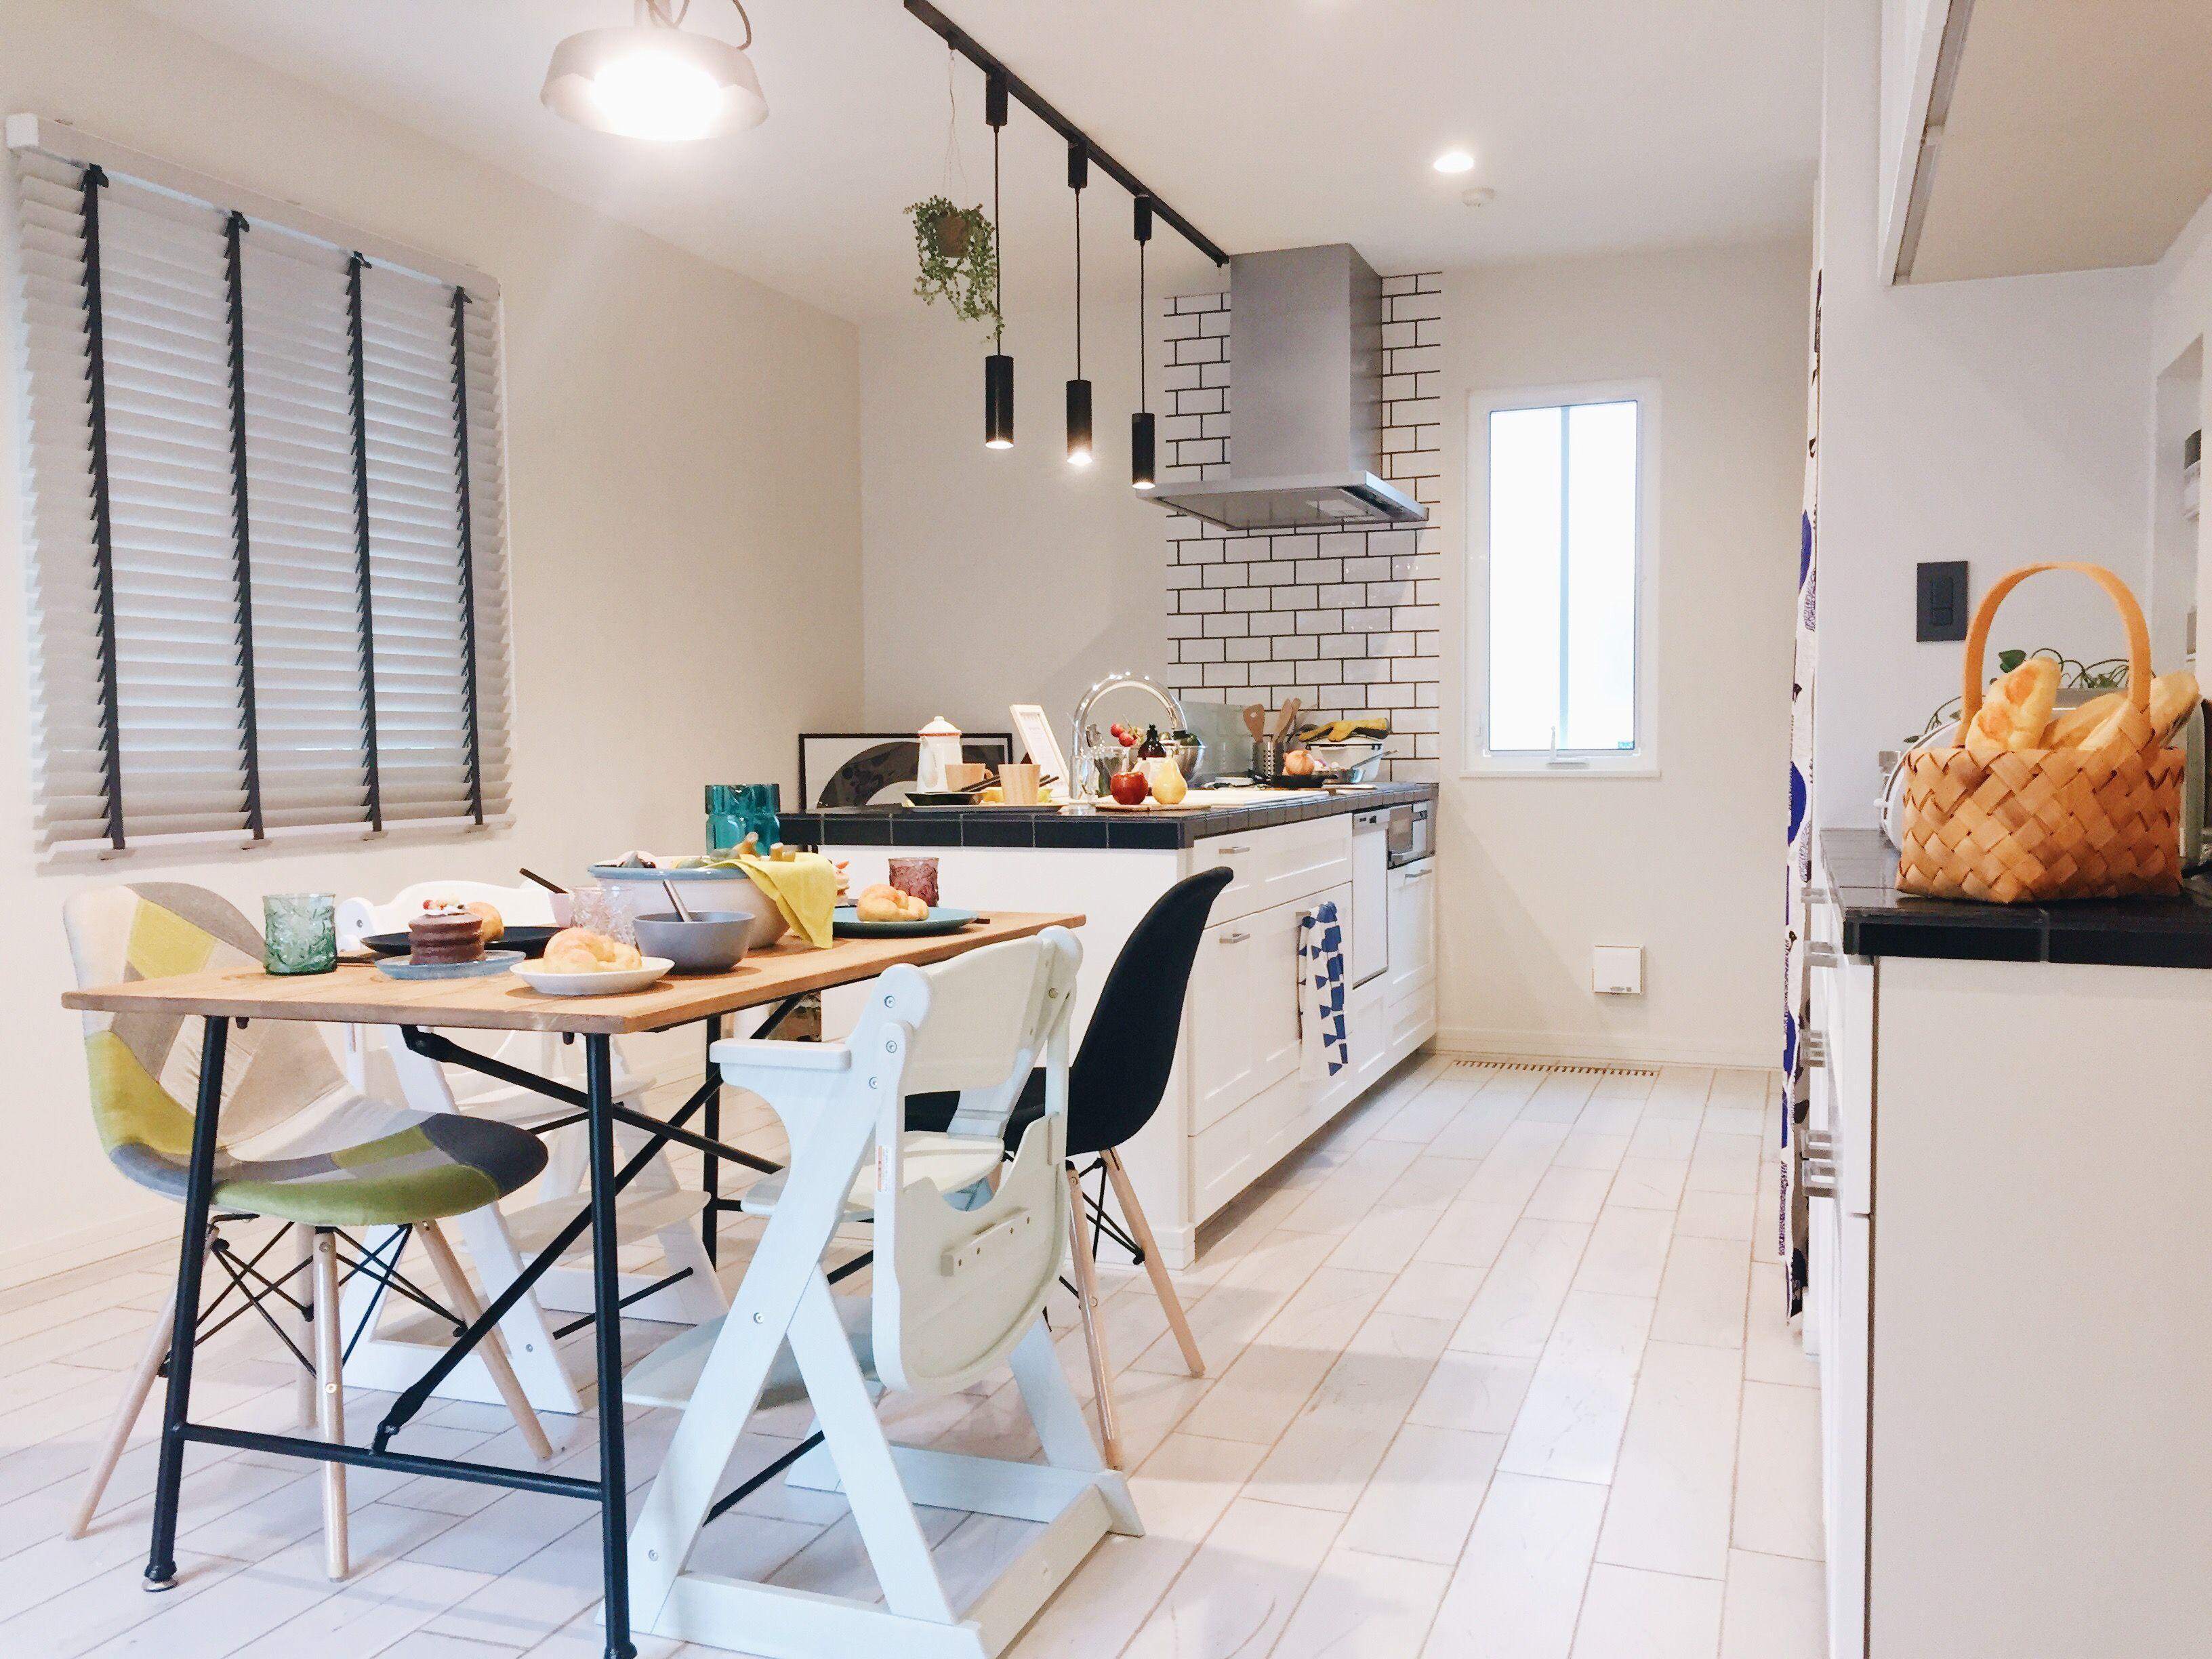 ルオント ダイニングキッチン インテリア 無垢 白い床 木製ブラインド